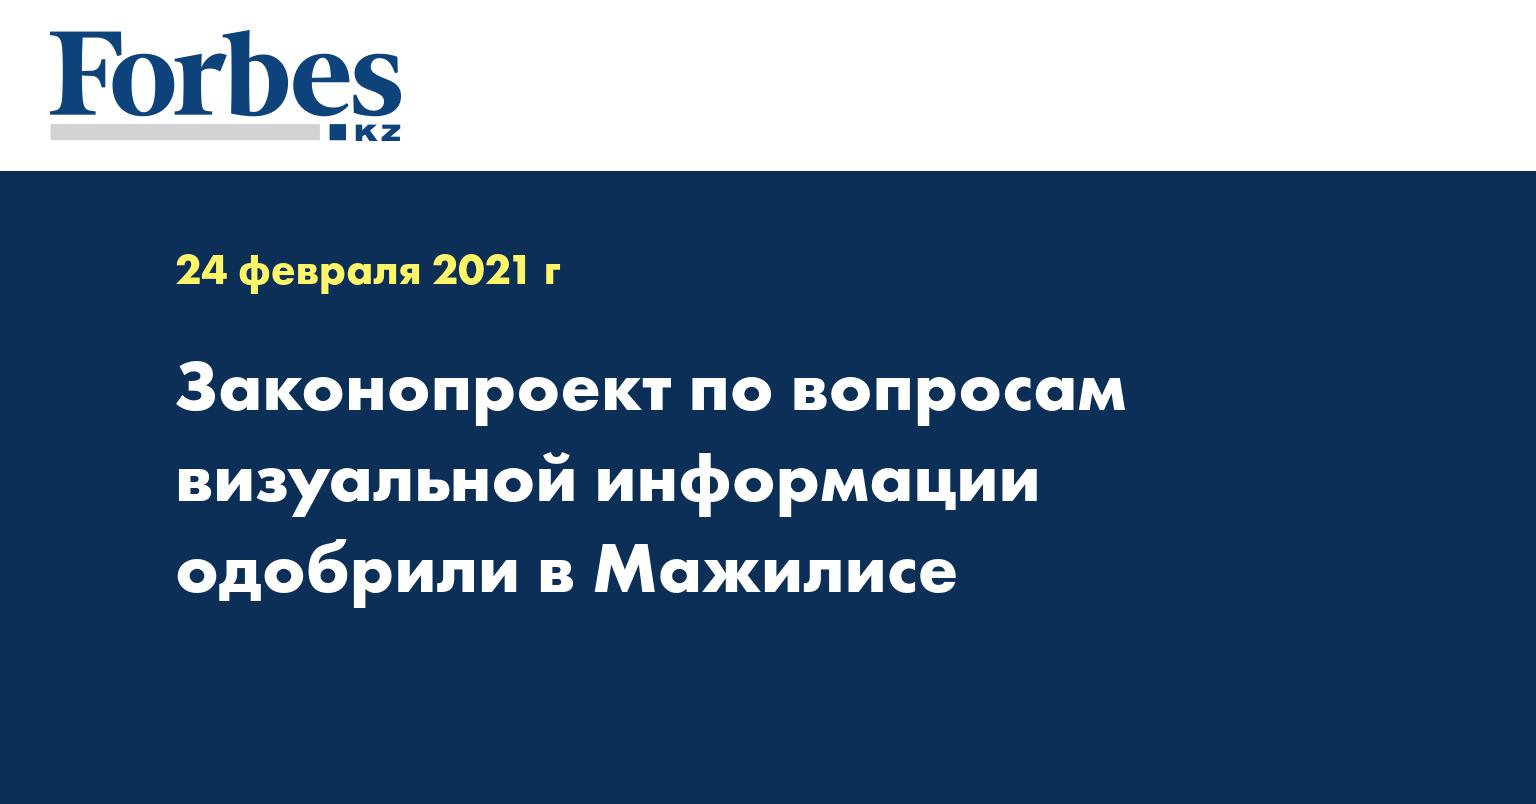 Законопроект по вопросам визуальной информации одобрили в мажилисе